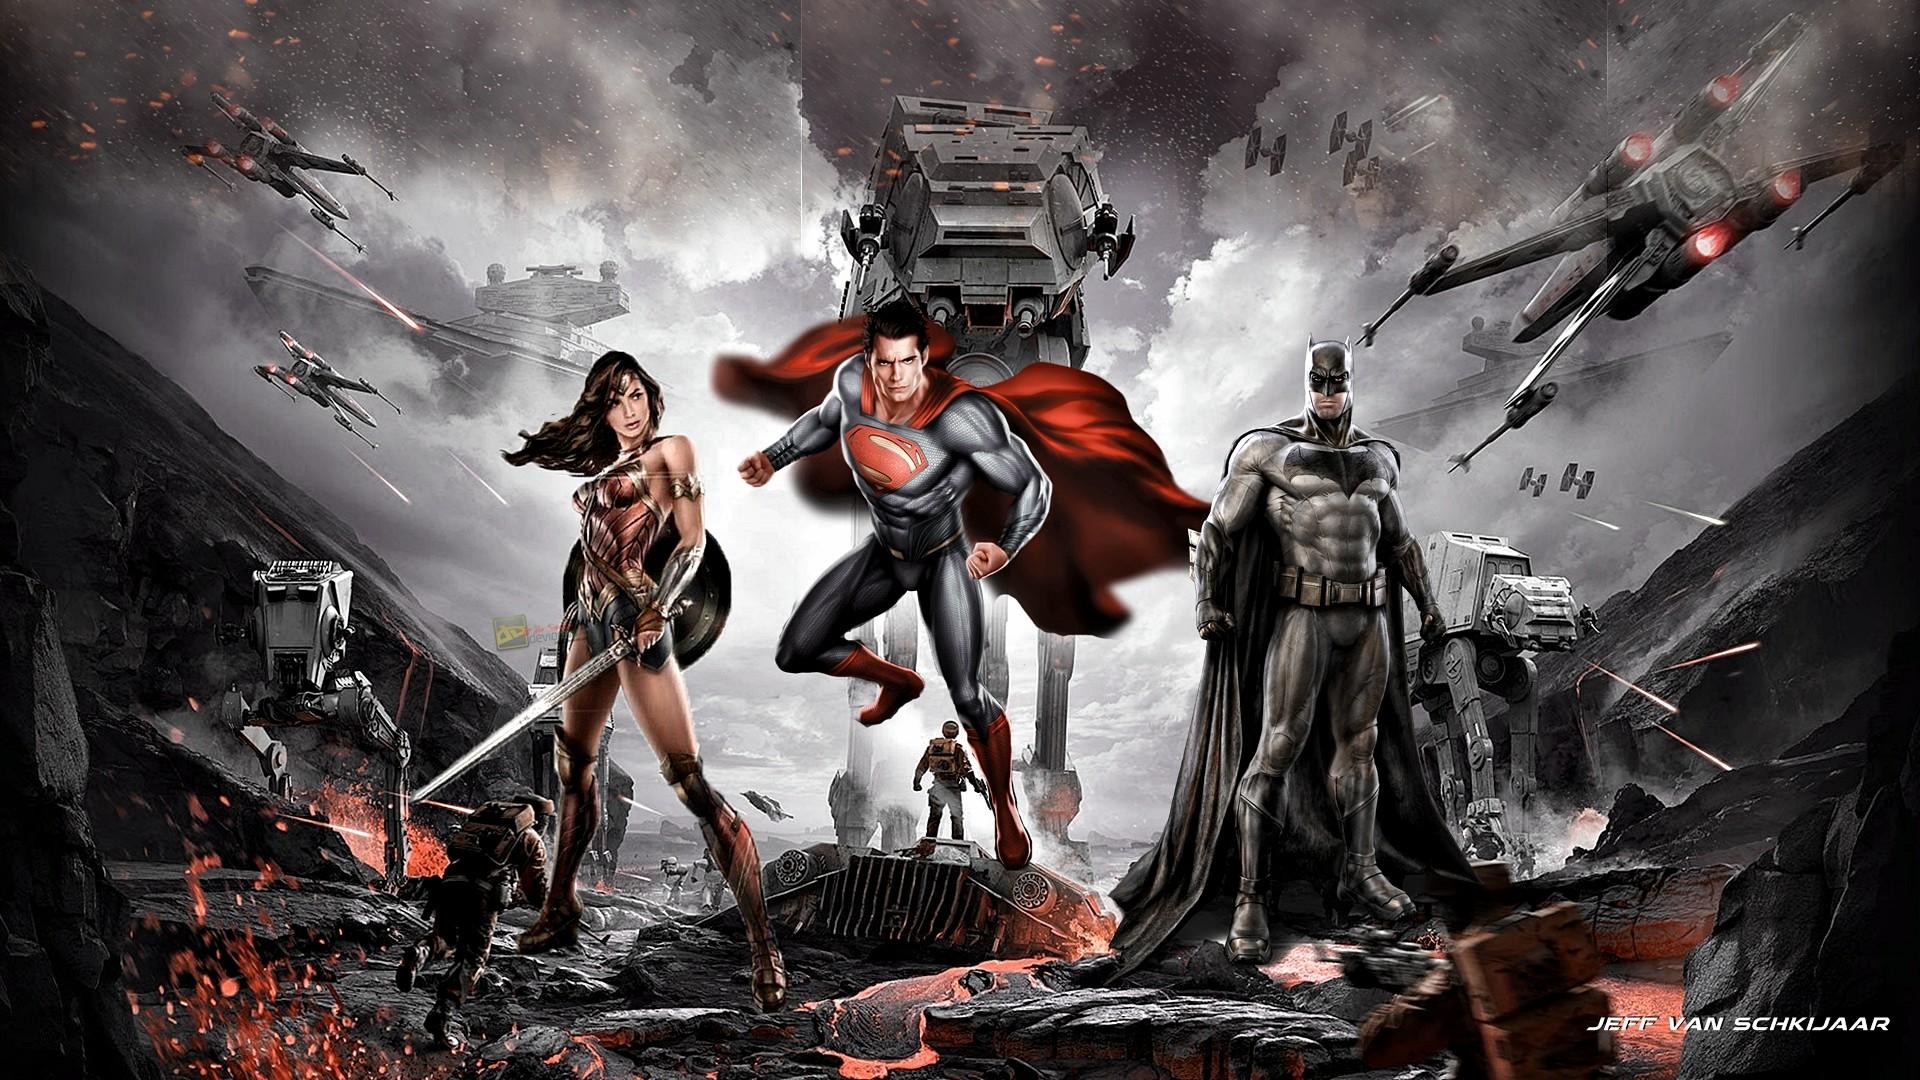 Batman Vs Superman Manips & Art – – Part 11 – Page 7 – The SuperHeroHype  Forums